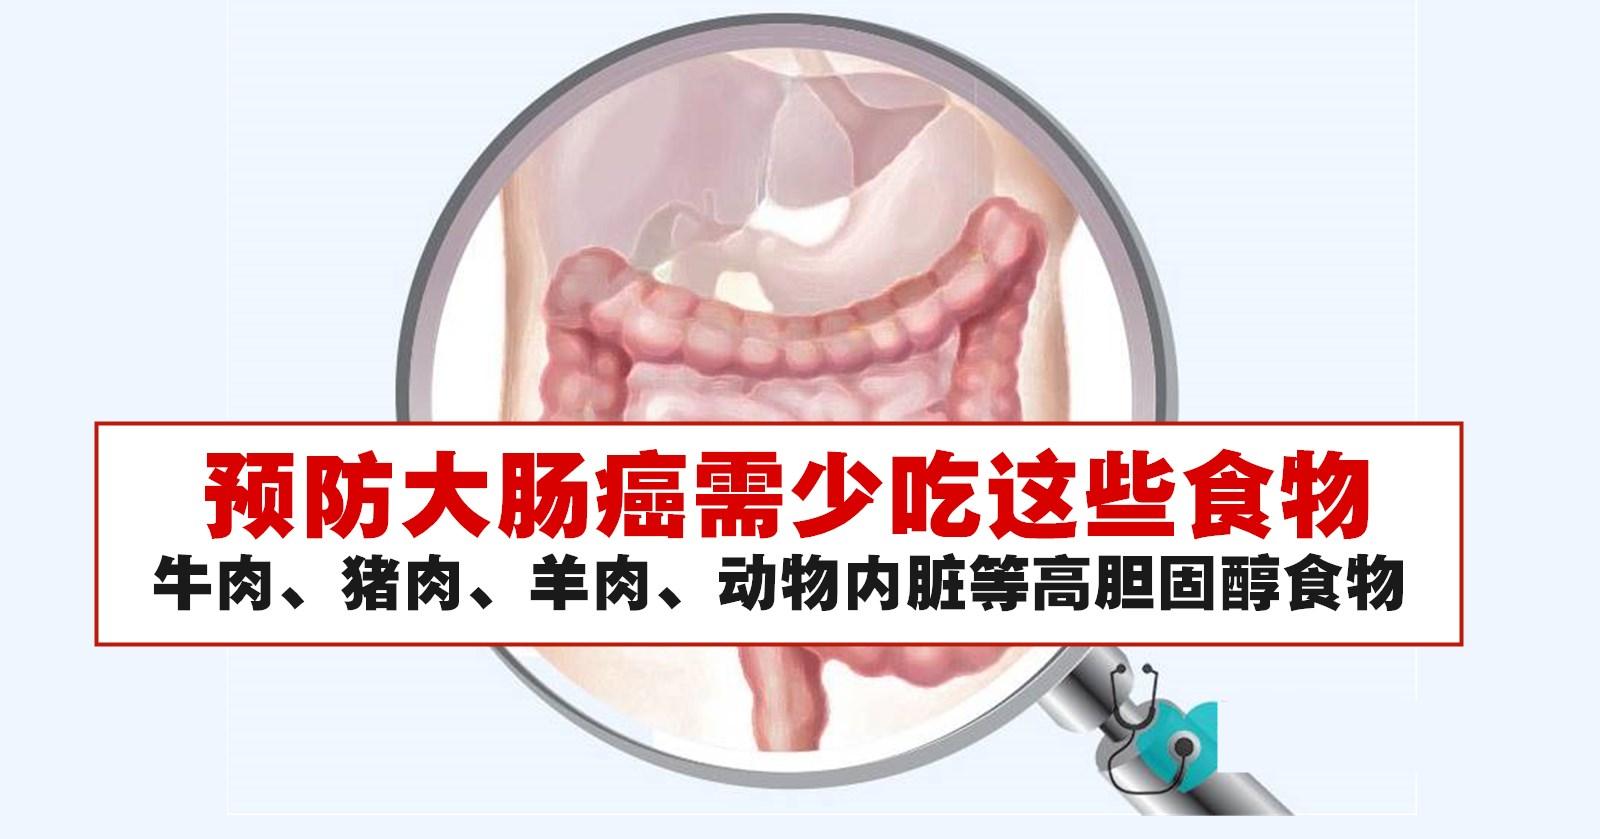 少吃红肉和动物内脏预防大肠癌